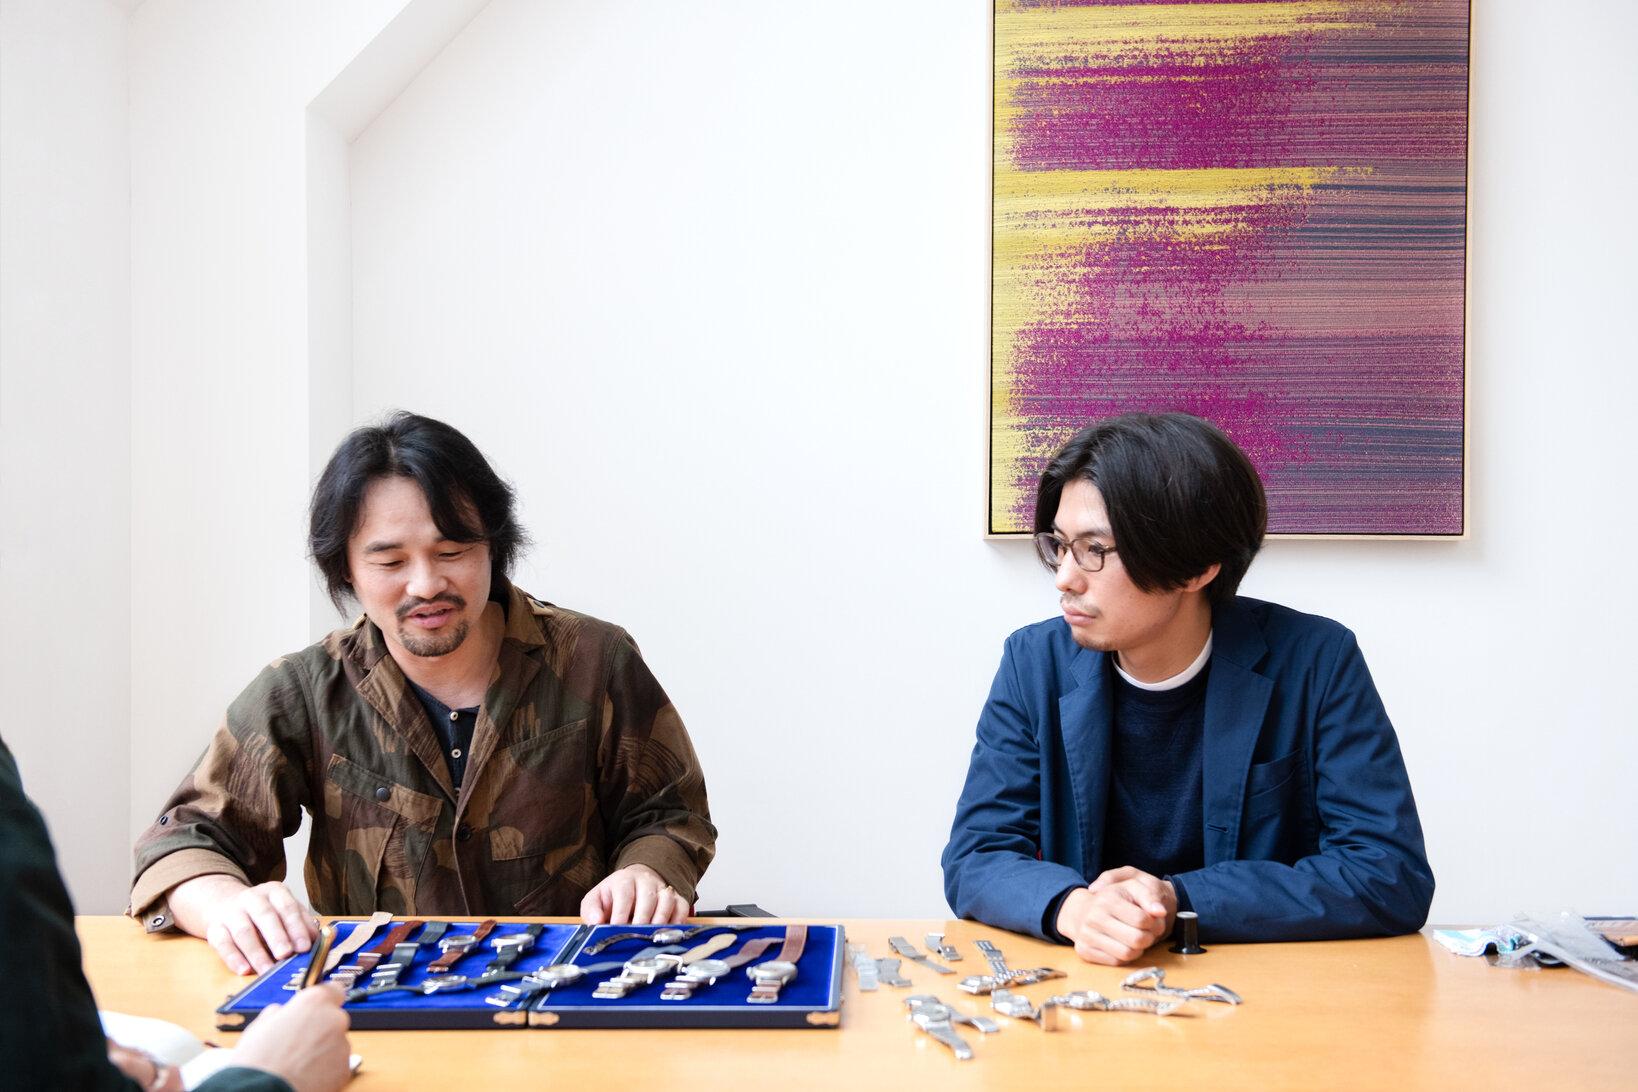 左から萩原秀樹さん、石川 智一さん。ケースの上にある萩原さんの私物を確認しながら時計座談がスタート!